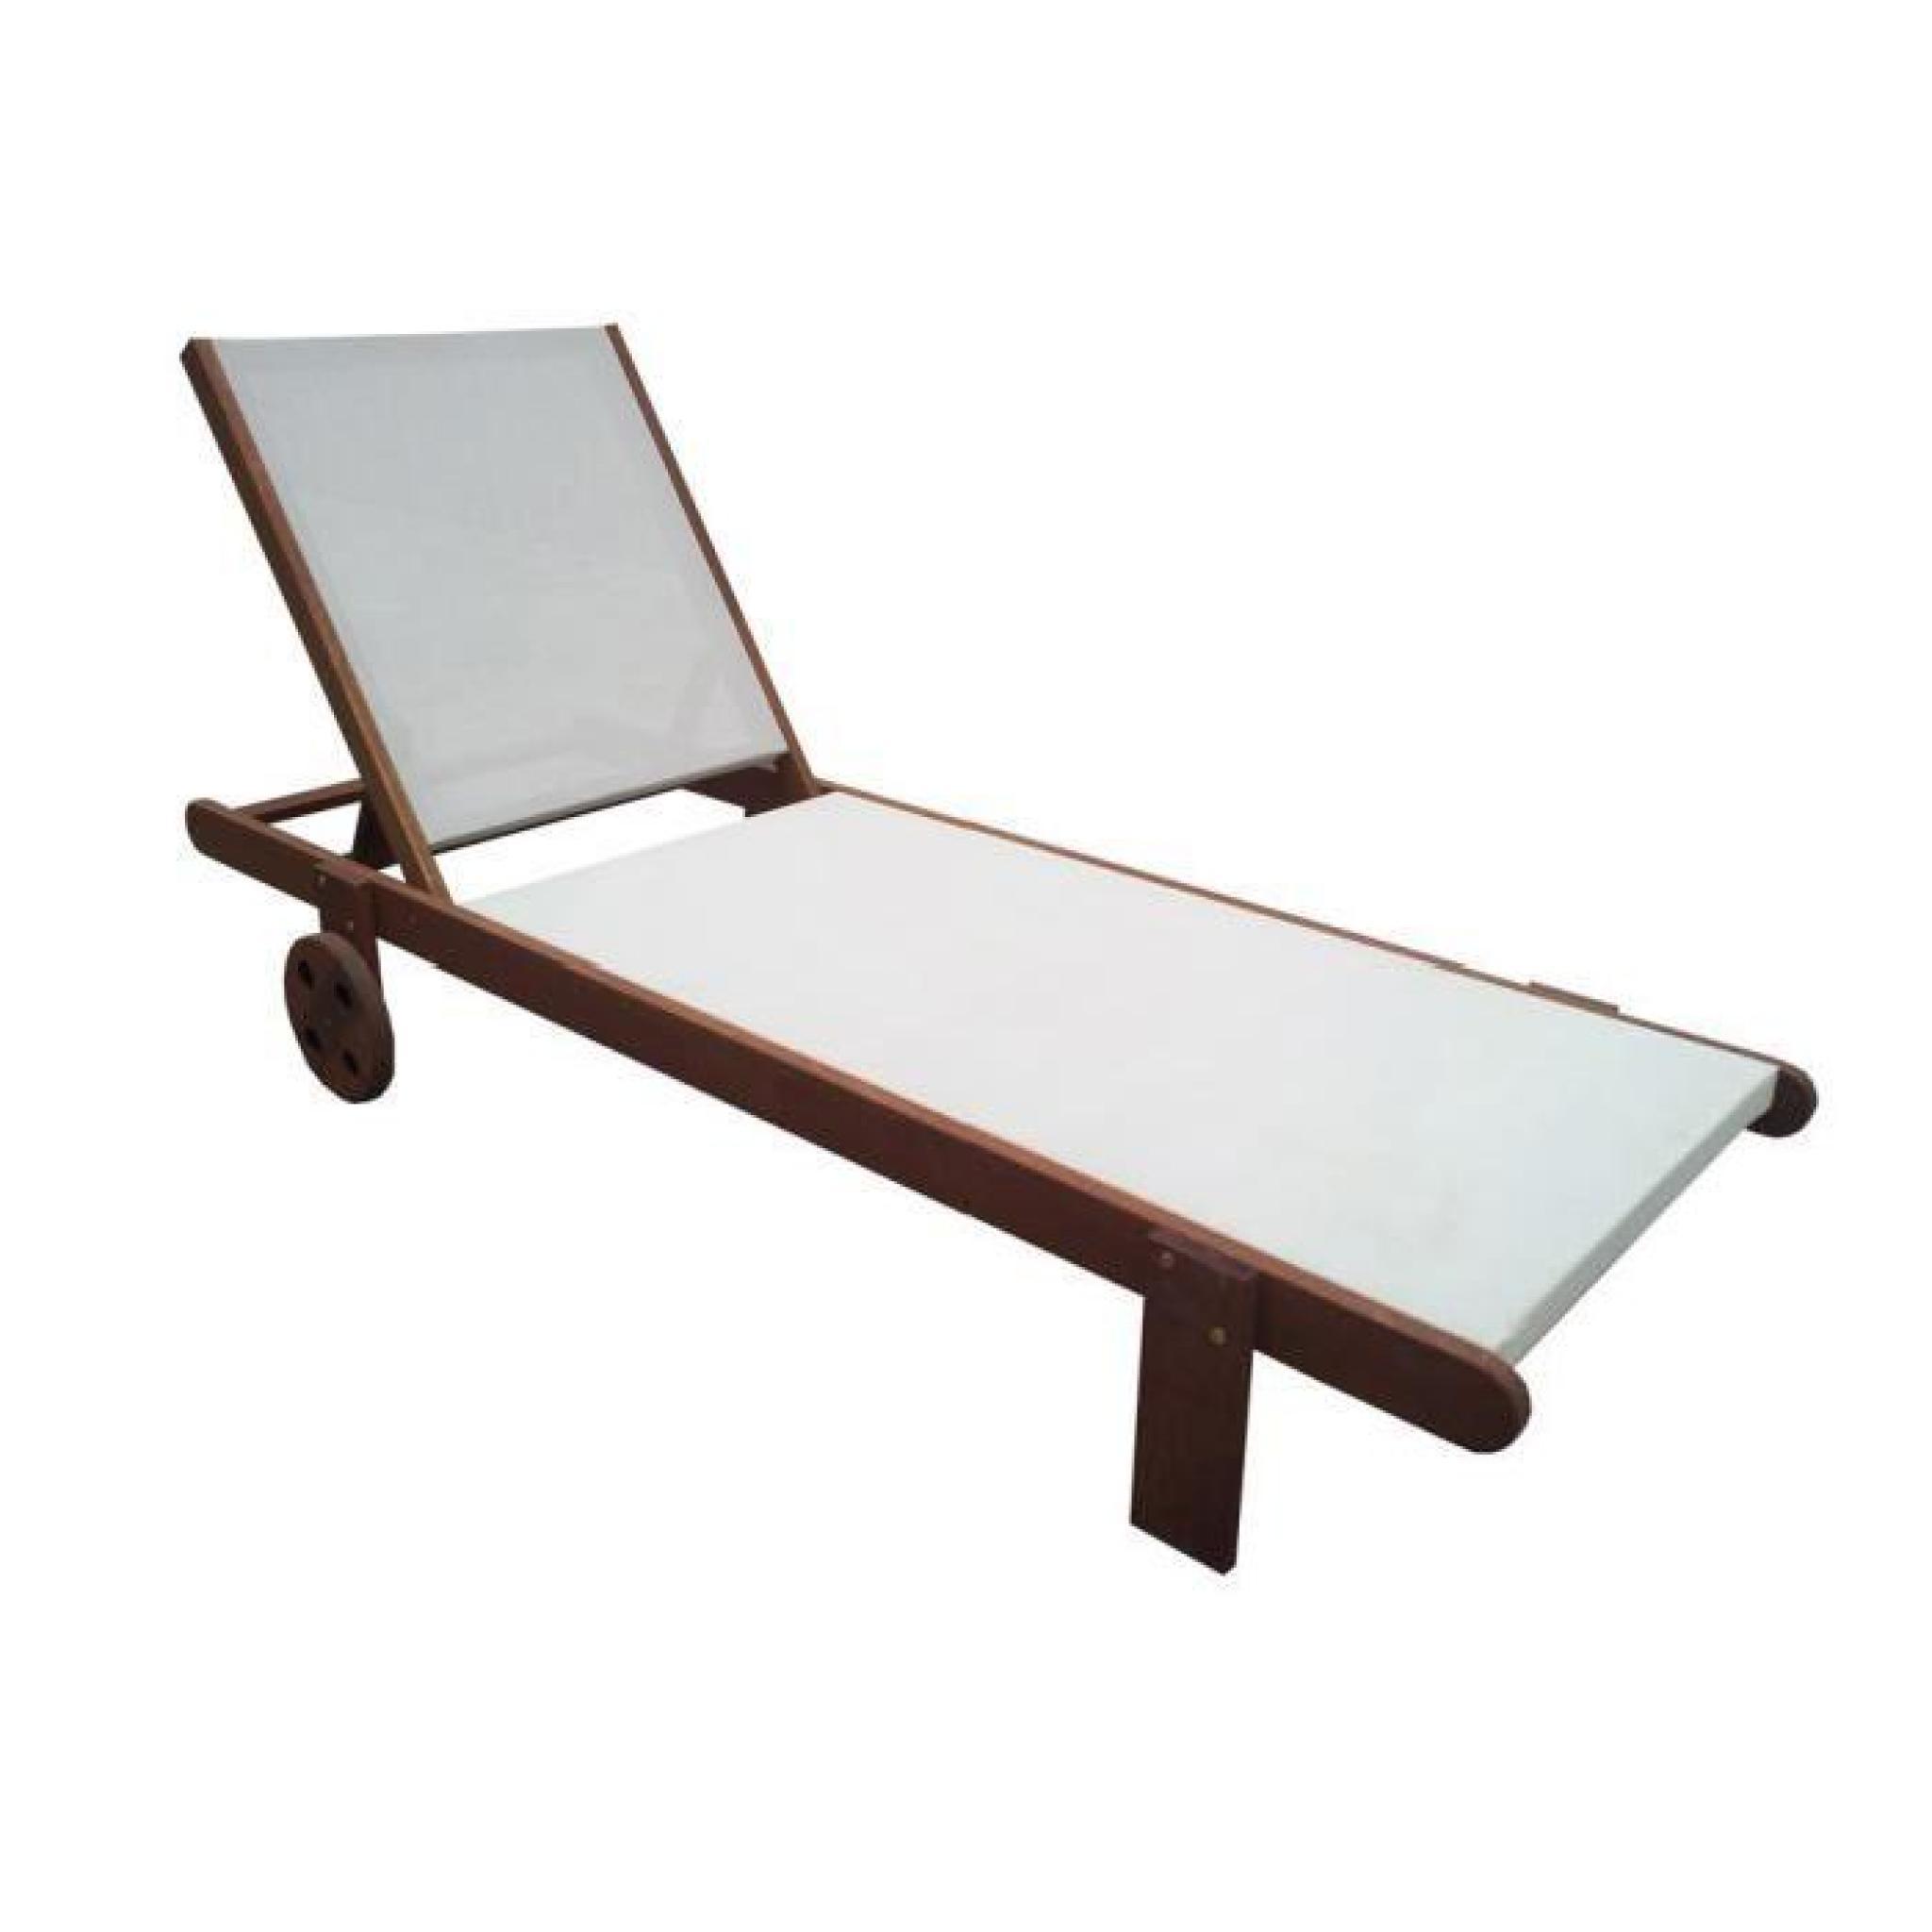 bain de soleil en bois exotique sa gon maple marron clair achat vente transat de jardin. Black Bedroom Furniture Sets. Home Design Ideas